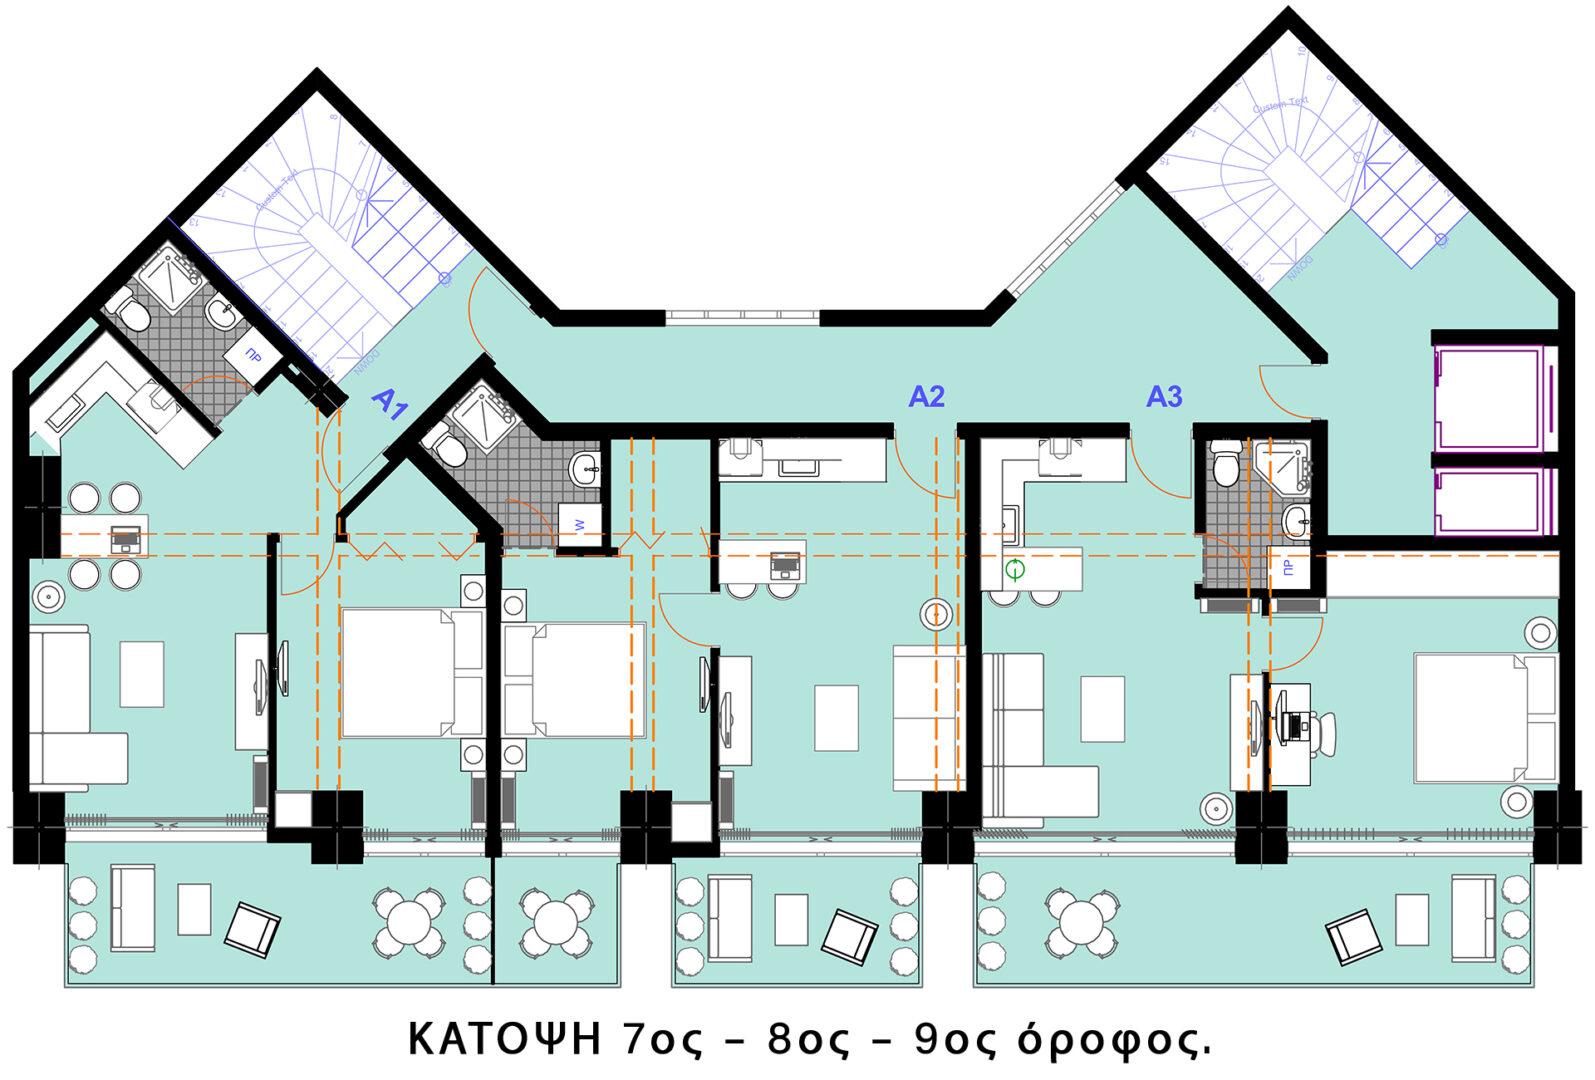 Κάτοψη (7ος - 8ος - 9ος) όροφος